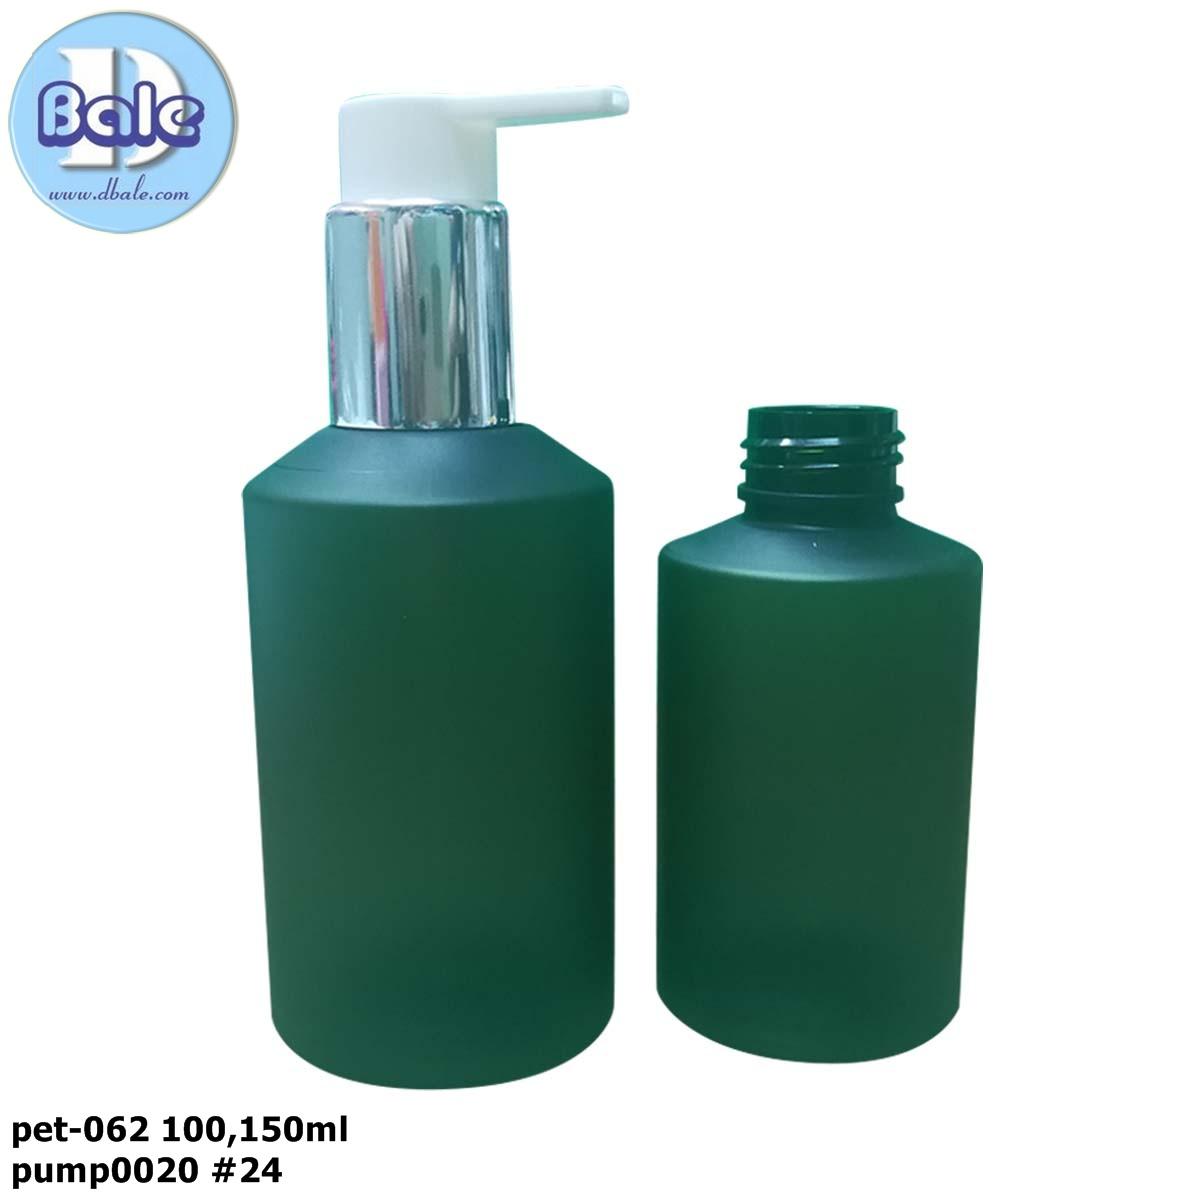 pet-062 pet ขวดพลาสติกเขียวขุ่น + หัวปั้ม pump0020